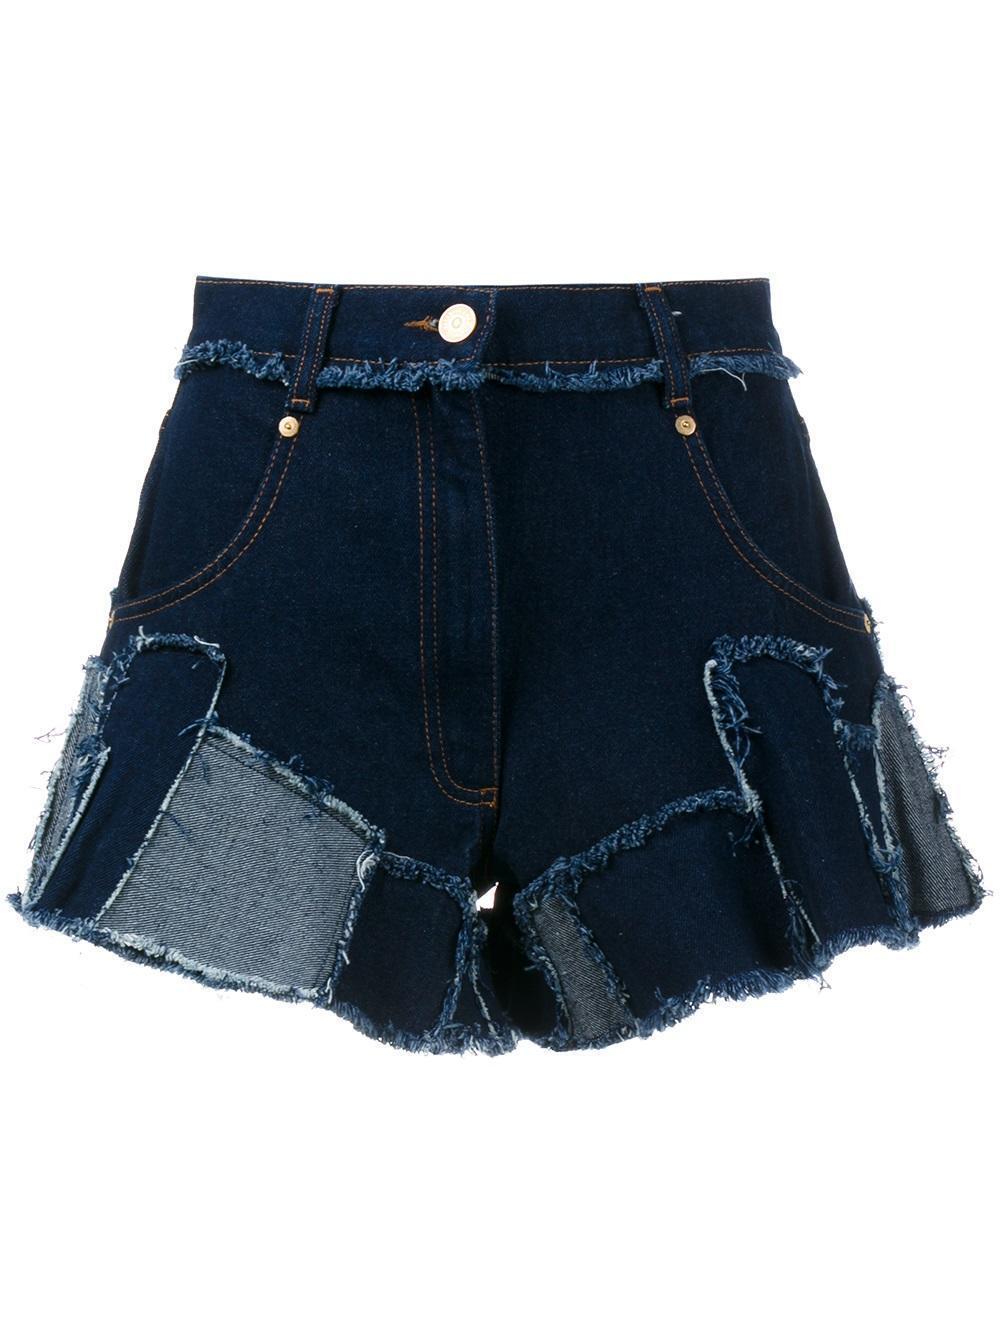 Natasha ZINKO ZINKO ZINKO Patchwork Pantaloncini Di Jeans 244193